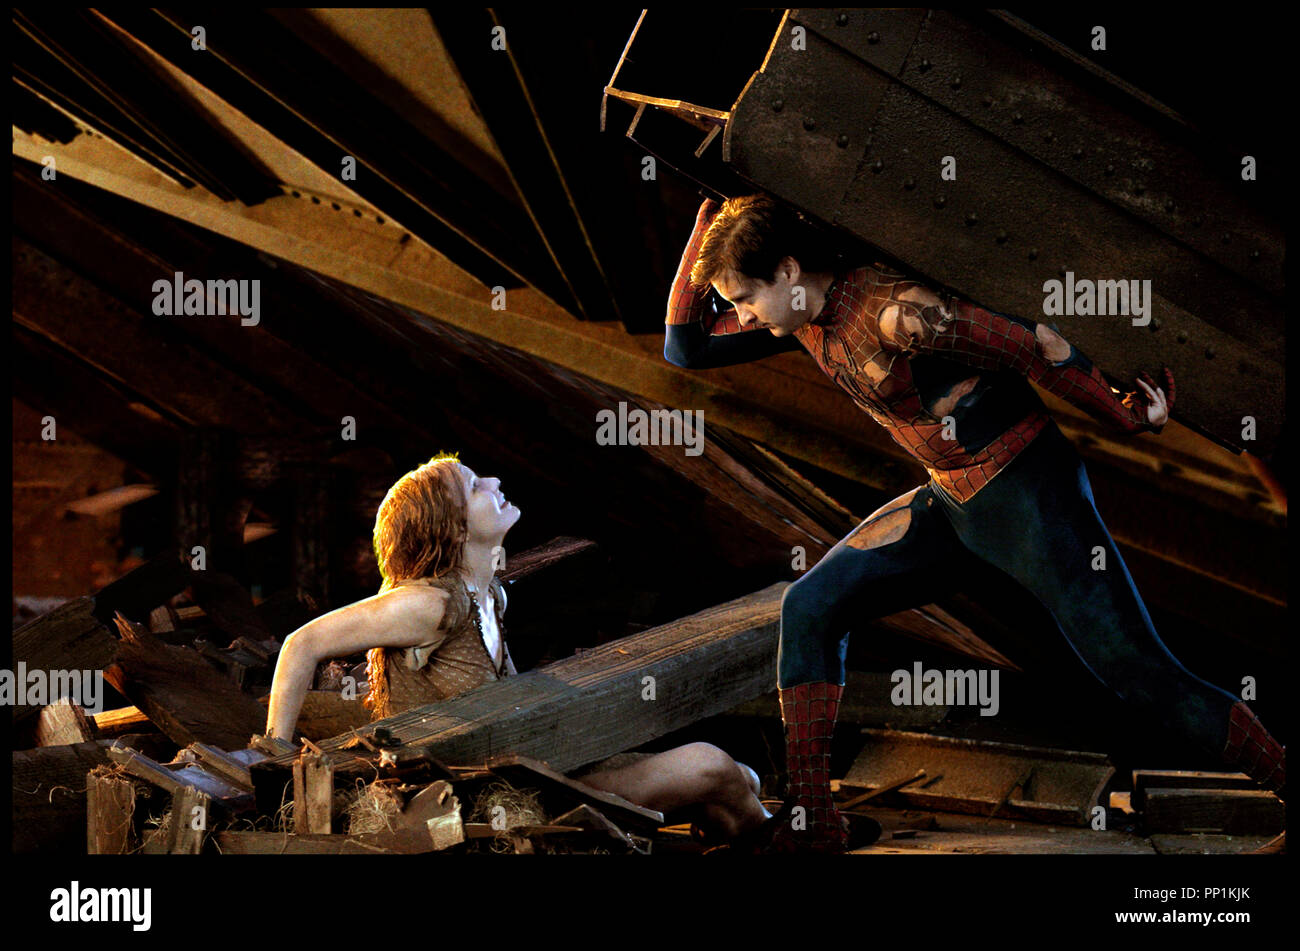 Kirsten dunst tobey maguire spider man stock photos - Et spider man ...